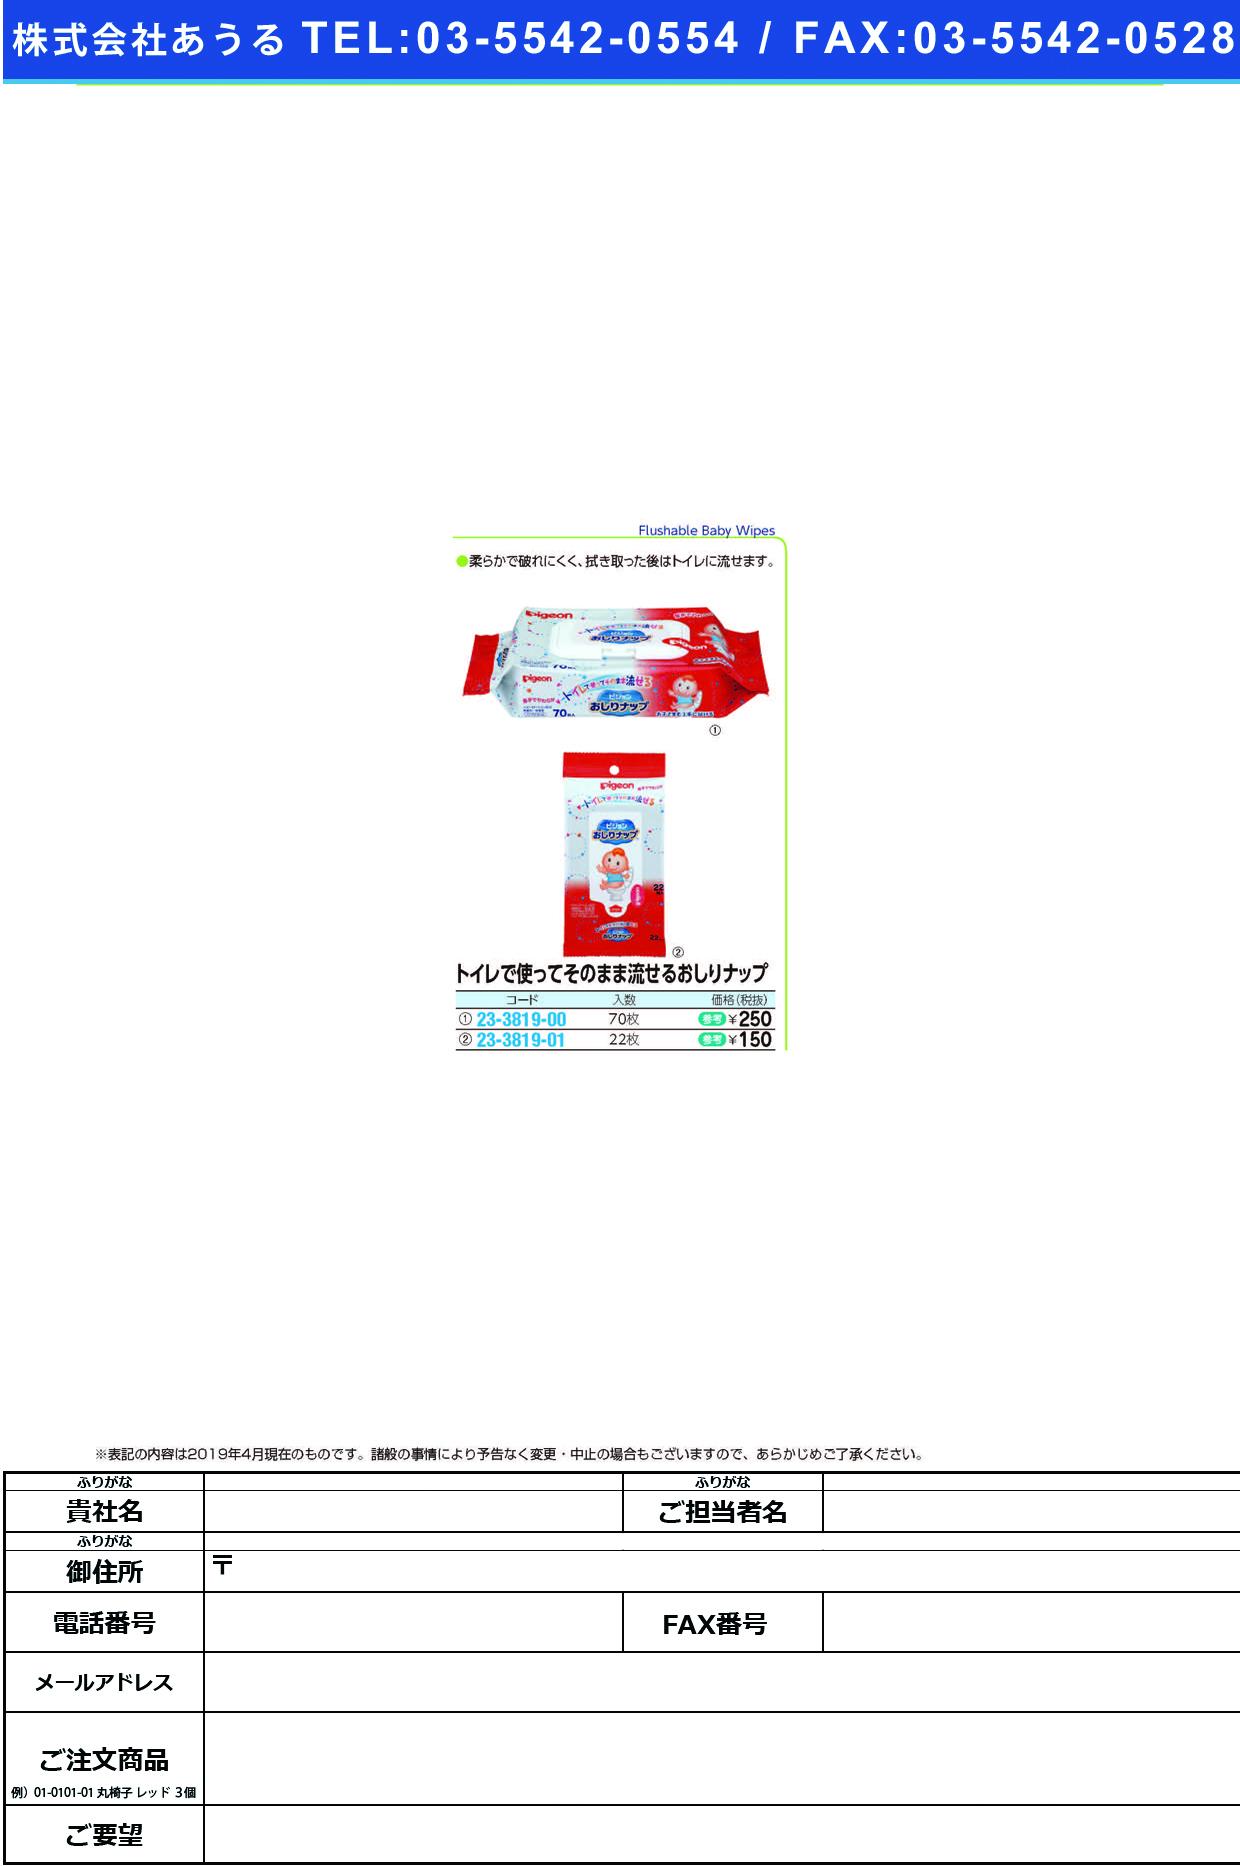 (23-3819-00)そのまま流せるおしりナップ 10255(70マイイリ) ソノママナガセルオシリナップ(ピジョン)【1個単位】【2019年カタログ商品】